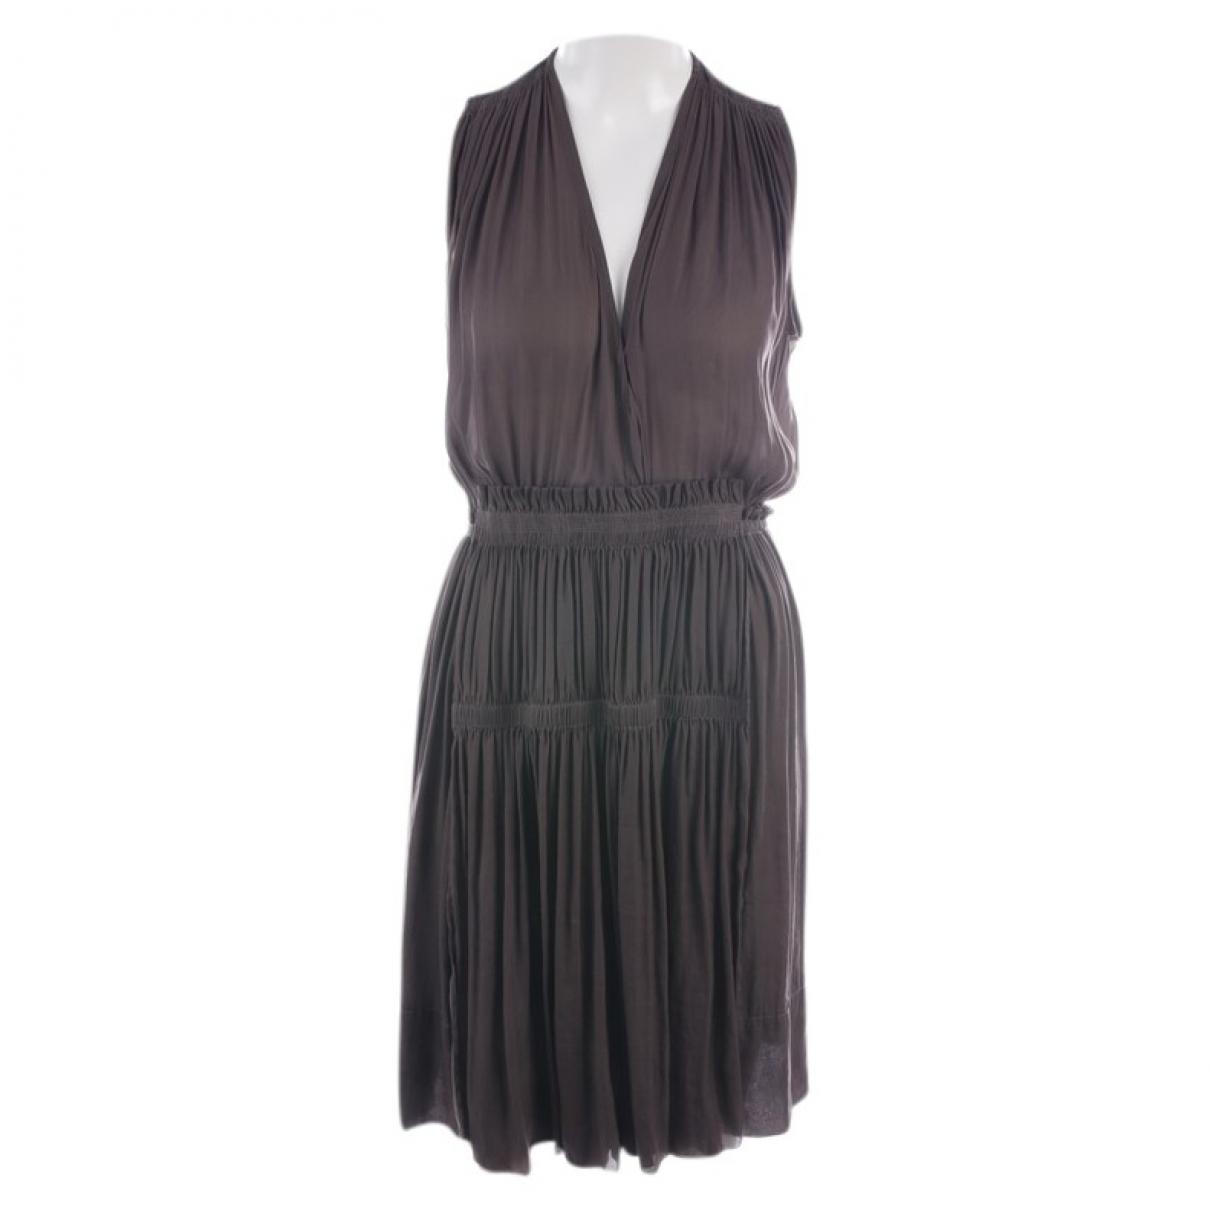 Isabel Marant \N Kleid in  Braun Synthetik